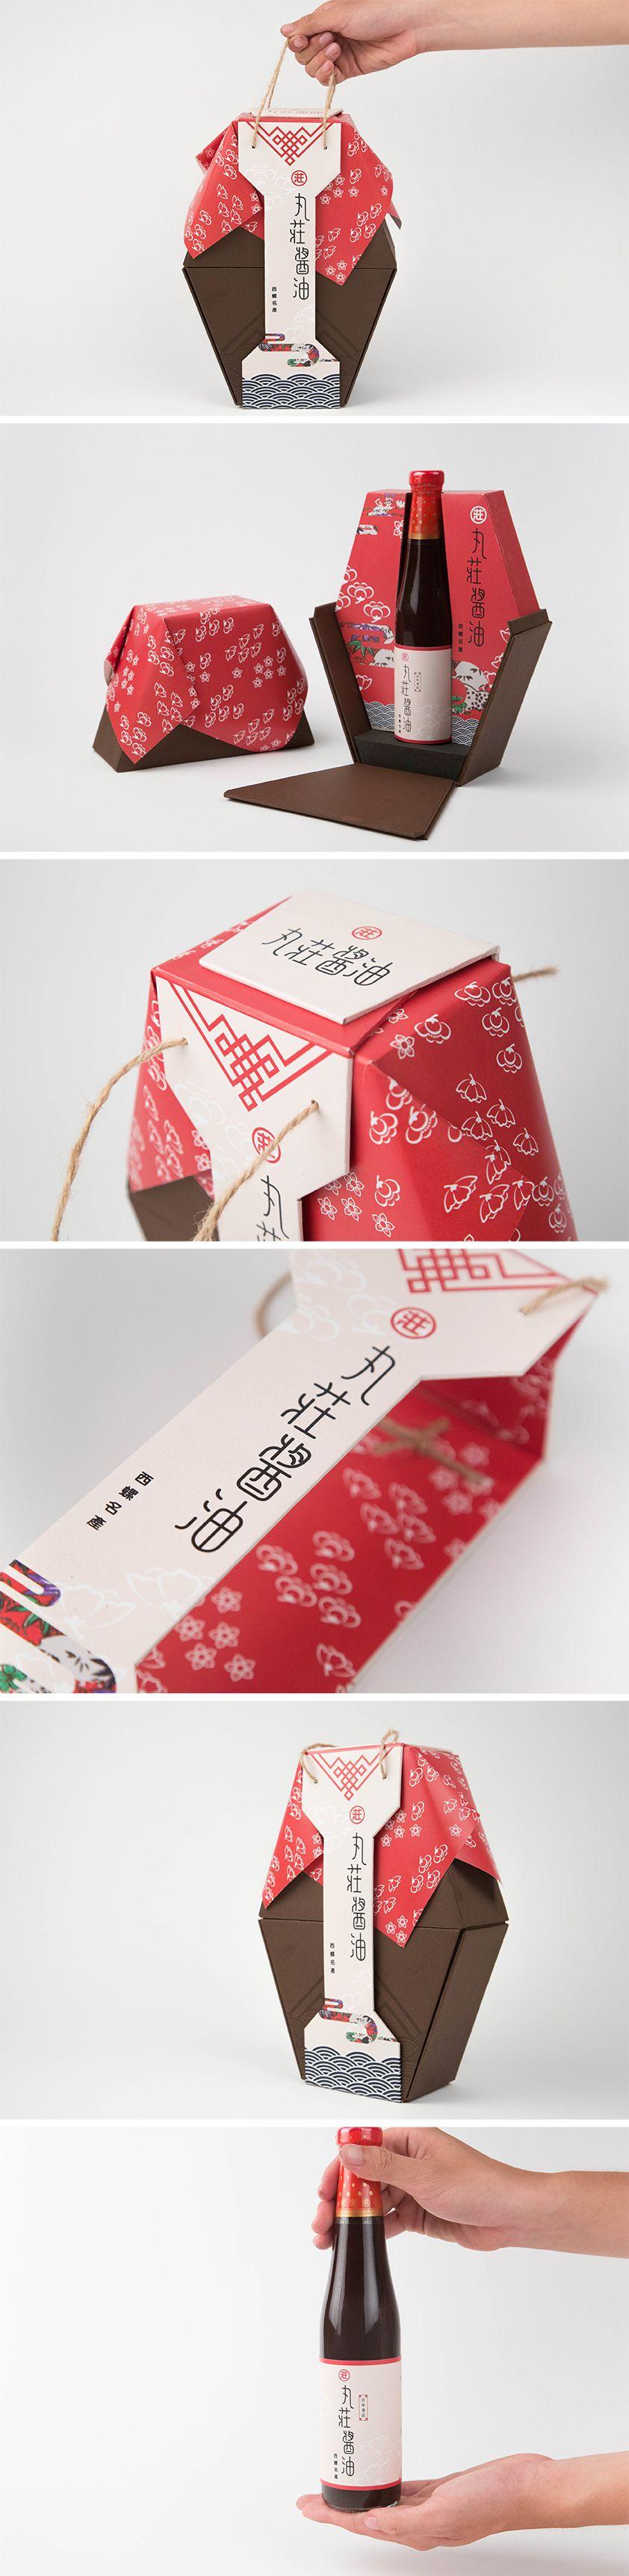 丸莊醬油 Soy Sauce Packaging Design